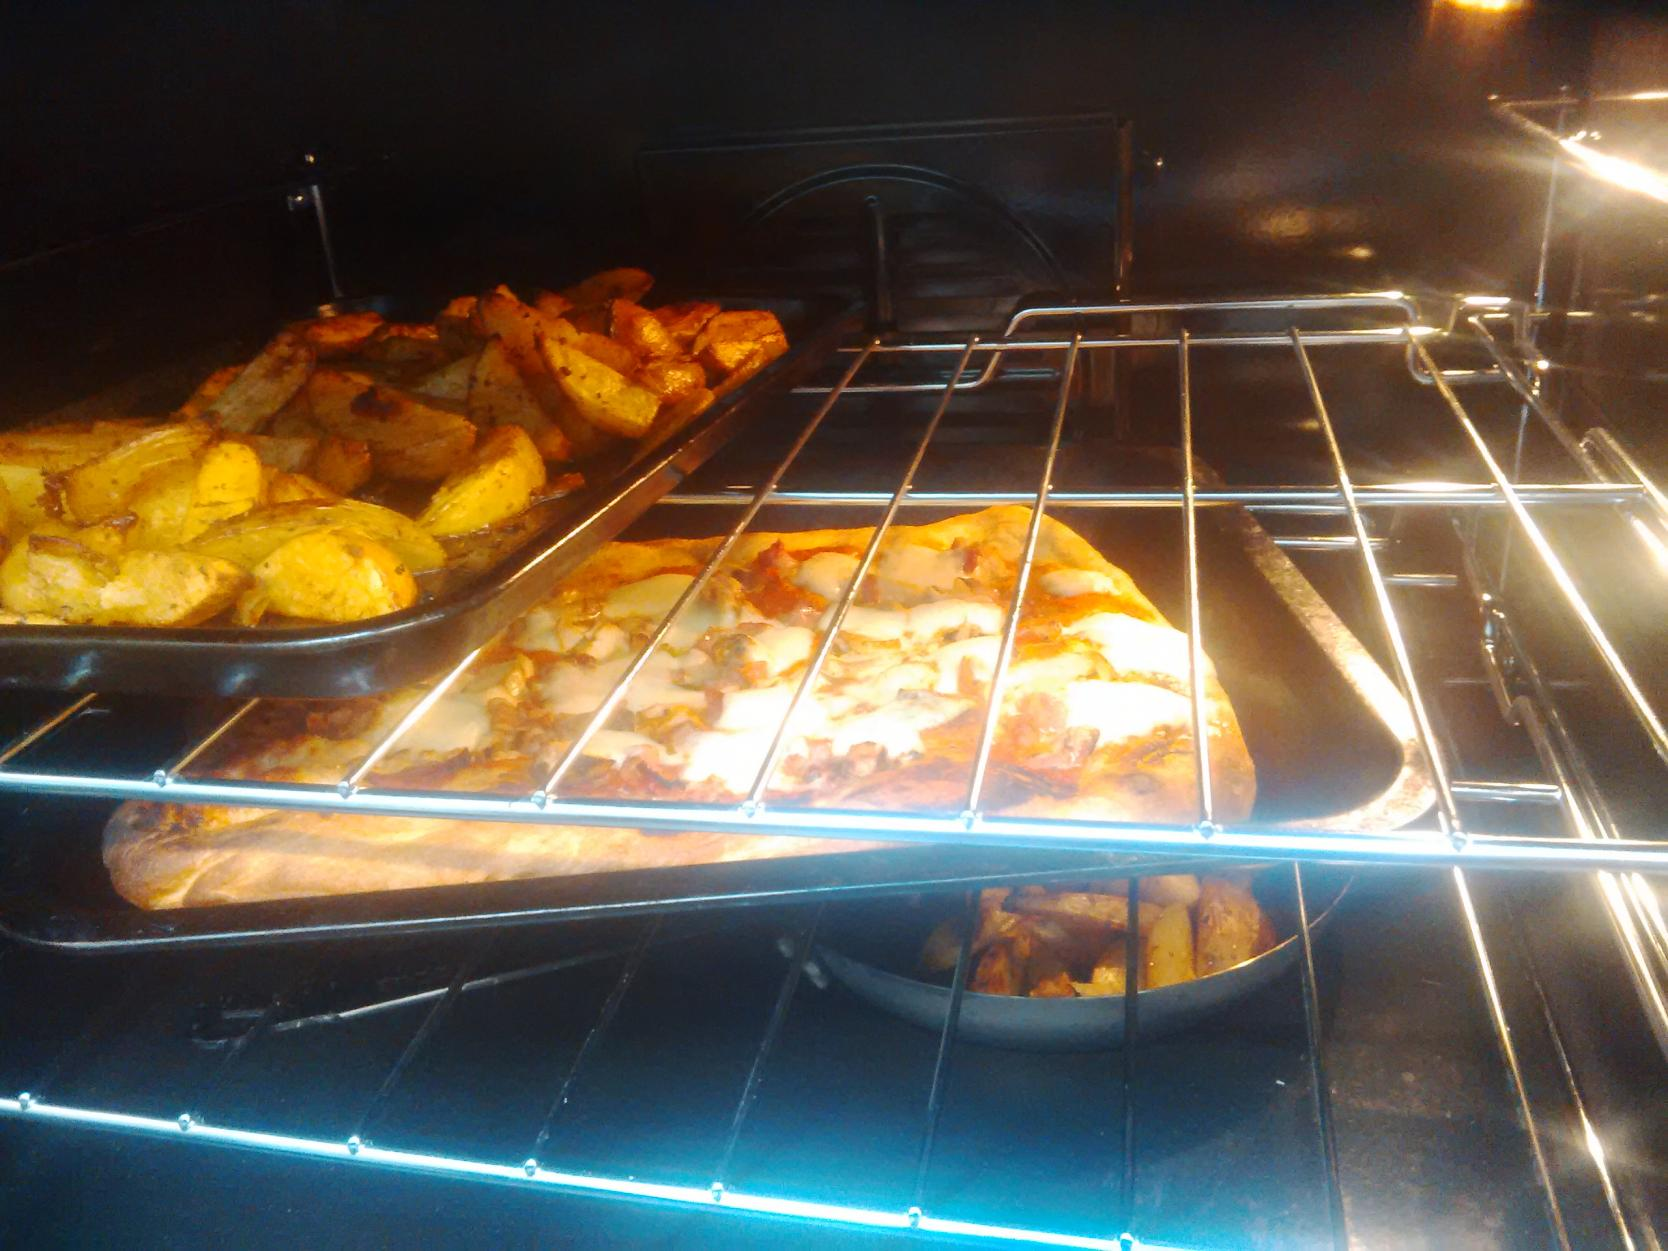 new oven pizza 1.jpg